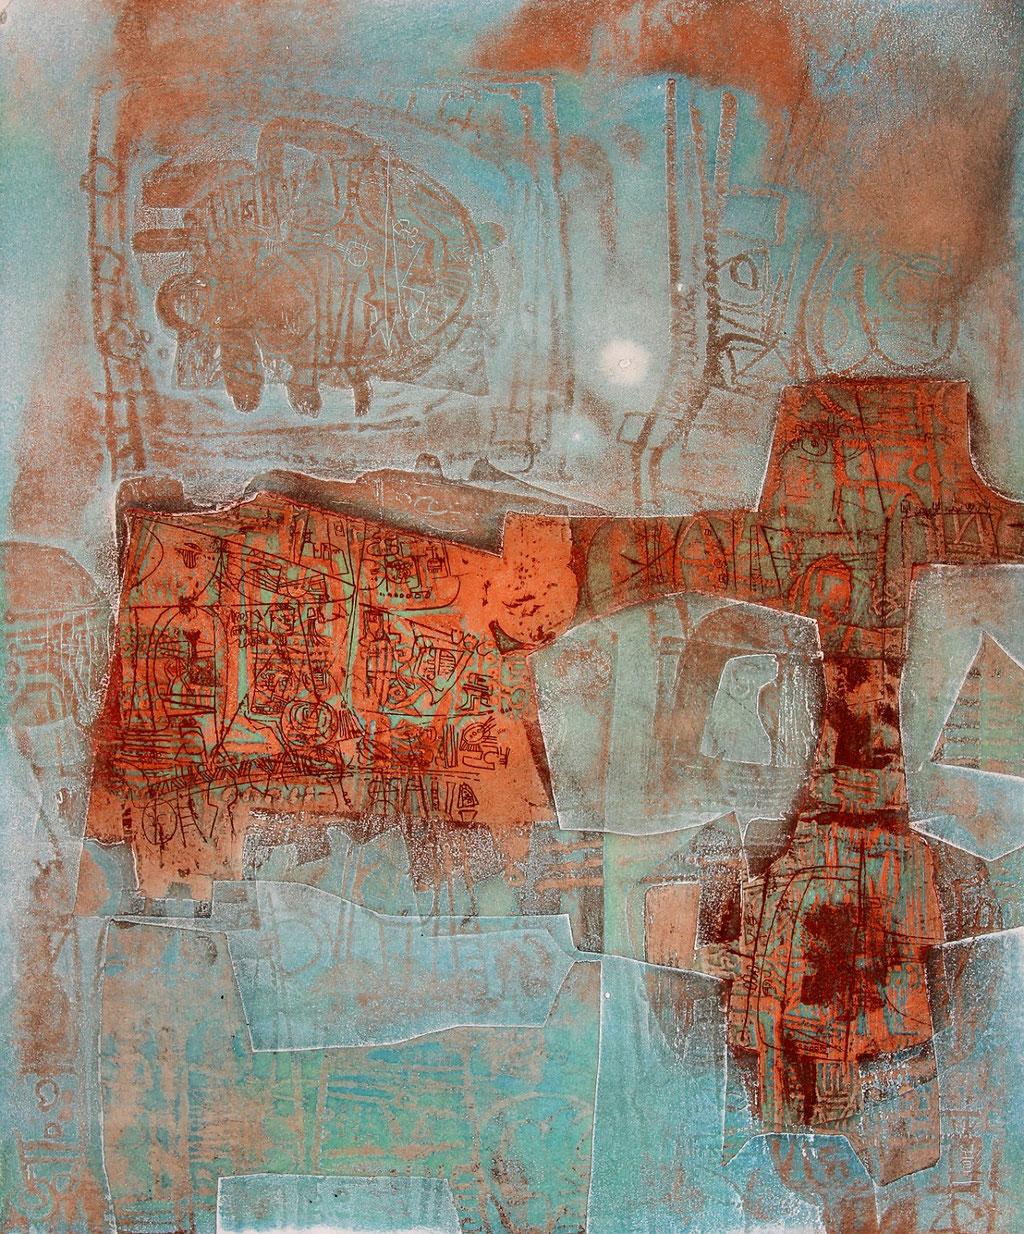 Pont de l' Aube - etching - 59 x 49 cm - 70 copies